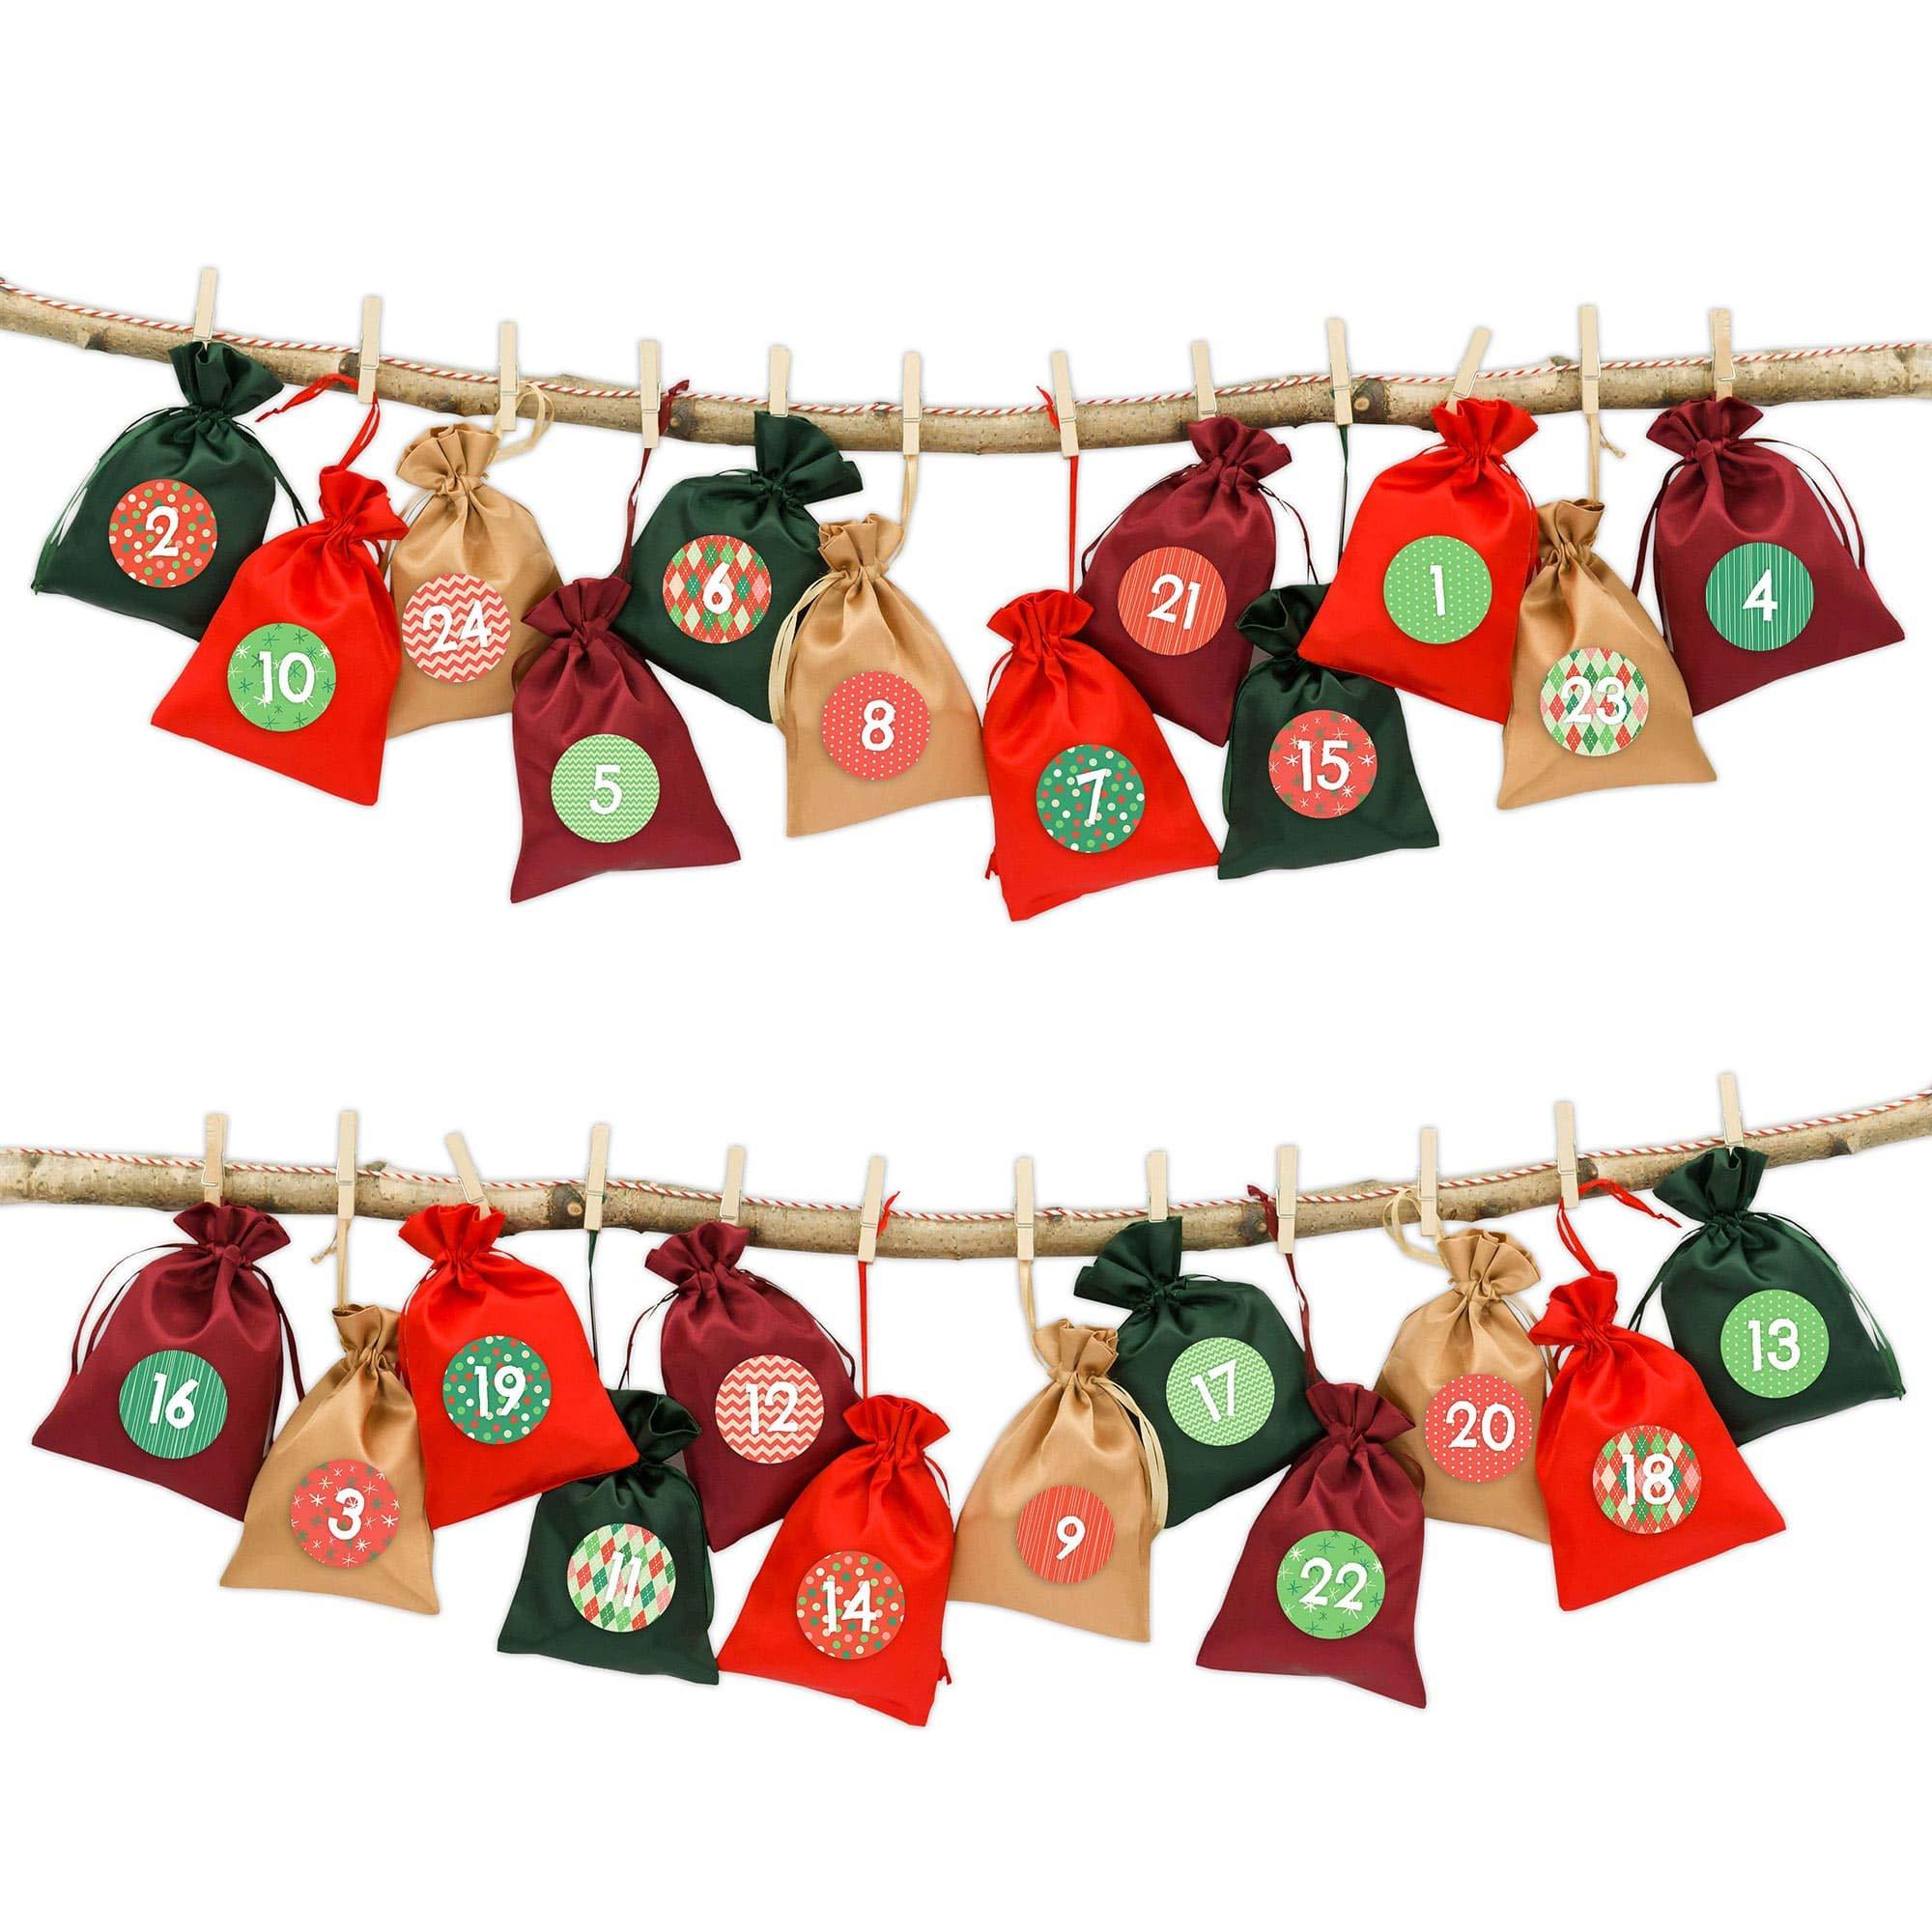 Il Calendario Dellavvento.24 Sacchetti In Stoffa Per Il Calendario Dell Avvento Da Riempire Con Spago Da Cucina E Mollette Sacchetti In Stoffa Da Decorare Natale Classico